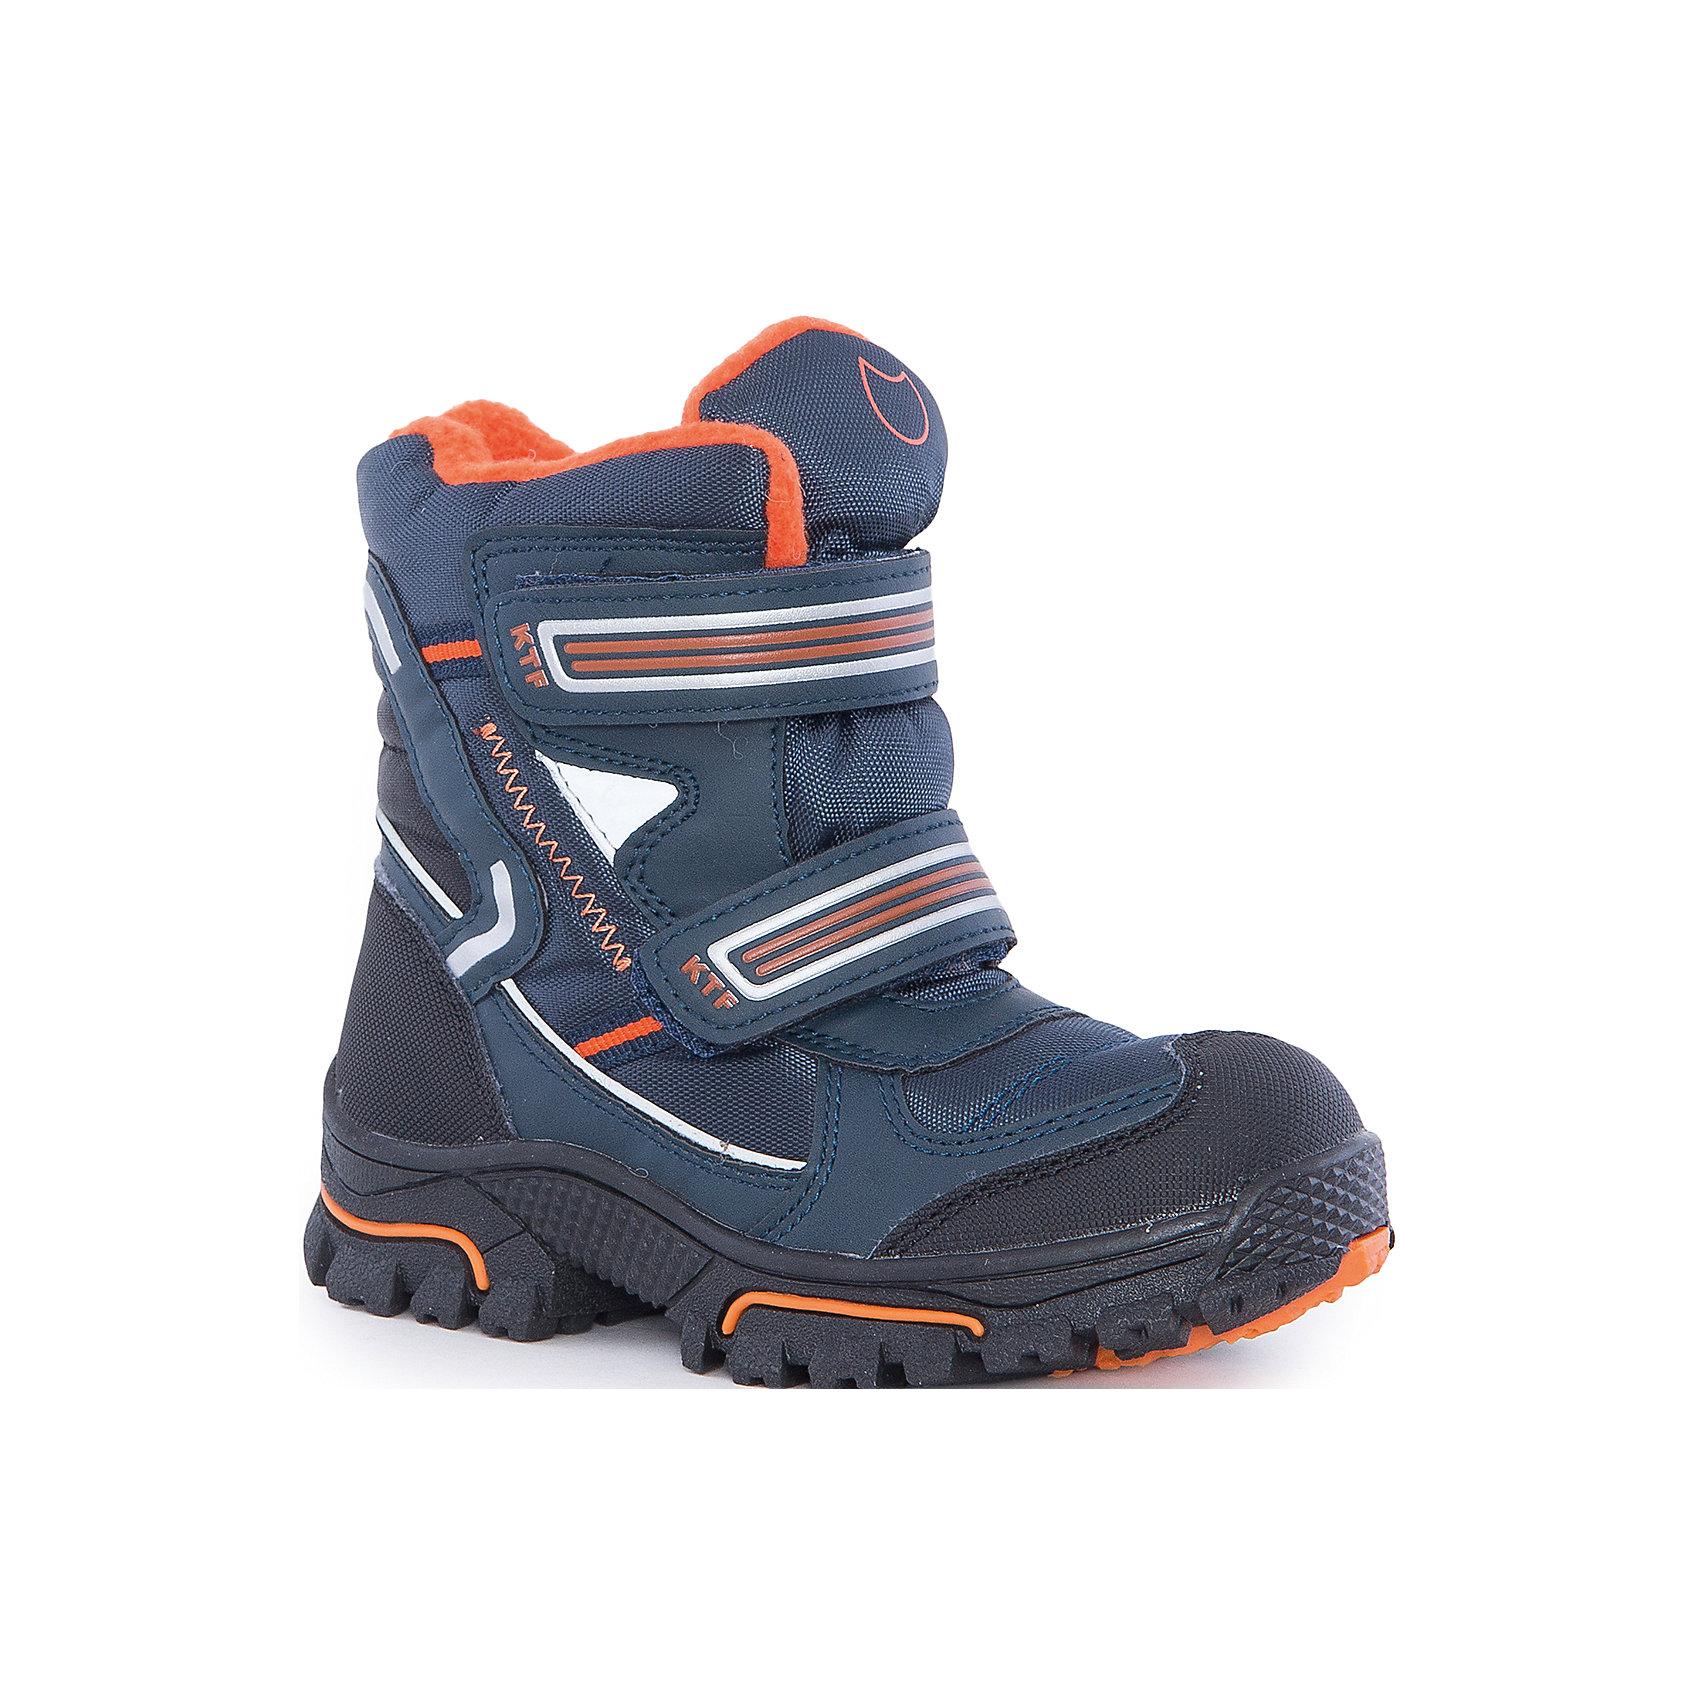 Ботинки  для мальчика КотофейБотинки  для мальчика Котофей.<br><br>Характеристики:<br><br>- Внешний материал: искусственная кожа, текстиль<br>- Внутренний материал: мех шерстяной<br>- Материал стельки: войлок<br>- Подошва: ТЭП<br>- Тип застежки: липучки<br>- Вид крепления обуви: литьевой<br>- Температурный режим до -20С<br>- Цвет: синий, оранжевый<br>- Сезон: зима<br>- Пол: для мальчиков<br><br>Зимние ботинки торговой марки Котофей обеспечат вашему мальчику максимальный комфорт. Верх ботинок выполнен из комбинированных материалов со специальным износостойким и водостойким мембранным материалом, что позволит ножке всегда оставаться сухой. Подкладка - из натуральной шерсти, имеется дополнительная стелька из войлока, поэтому ножке в такой обуви тепло и уютно. Гибкая, широкая, литьевая подошва с рельефным протектором обеспечит превосходное сцепление с поверхностью, не скользит. Она выполнена из термоэластопласта (ТЭП) – пластичного материала, отлично амортизирующего при шаге и не теряющего своих свойств при понижении температур. Мыс надежно защищен от царапин промокания прорезиненным материалом. Два ремня с липучками позволяют не только быстро обувать и снимать ботинки, но и обеспечивают плотное прилегание обуви к стопе. Детская обувь «Котофей» качественна, красива, добротна, комфортна и долговечна. Она производится на Егорьевской обувной фабрике. Жесткий контроль производства и постоянное совершенствование технологий при многолетнем опыте позволяют считать компанию одним из лидеров среди отечественных производителей детской обуви.<br><br>Ботинки  для мальчика Котофей можно купить в нашем интернет-магазине.<br><br>Ширина мм: 262<br>Глубина мм: 176<br>Высота мм: 97<br>Вес г: 427<br>Цвет: разноцветный<br>Возраст от месяцев: 48<br>Возраст до месяцев: 60<br>Пол: Мужской<br>Возраст: Детский<br>Размер: 28,35,34,33,32,31,30,29<br>SKU: 5087271